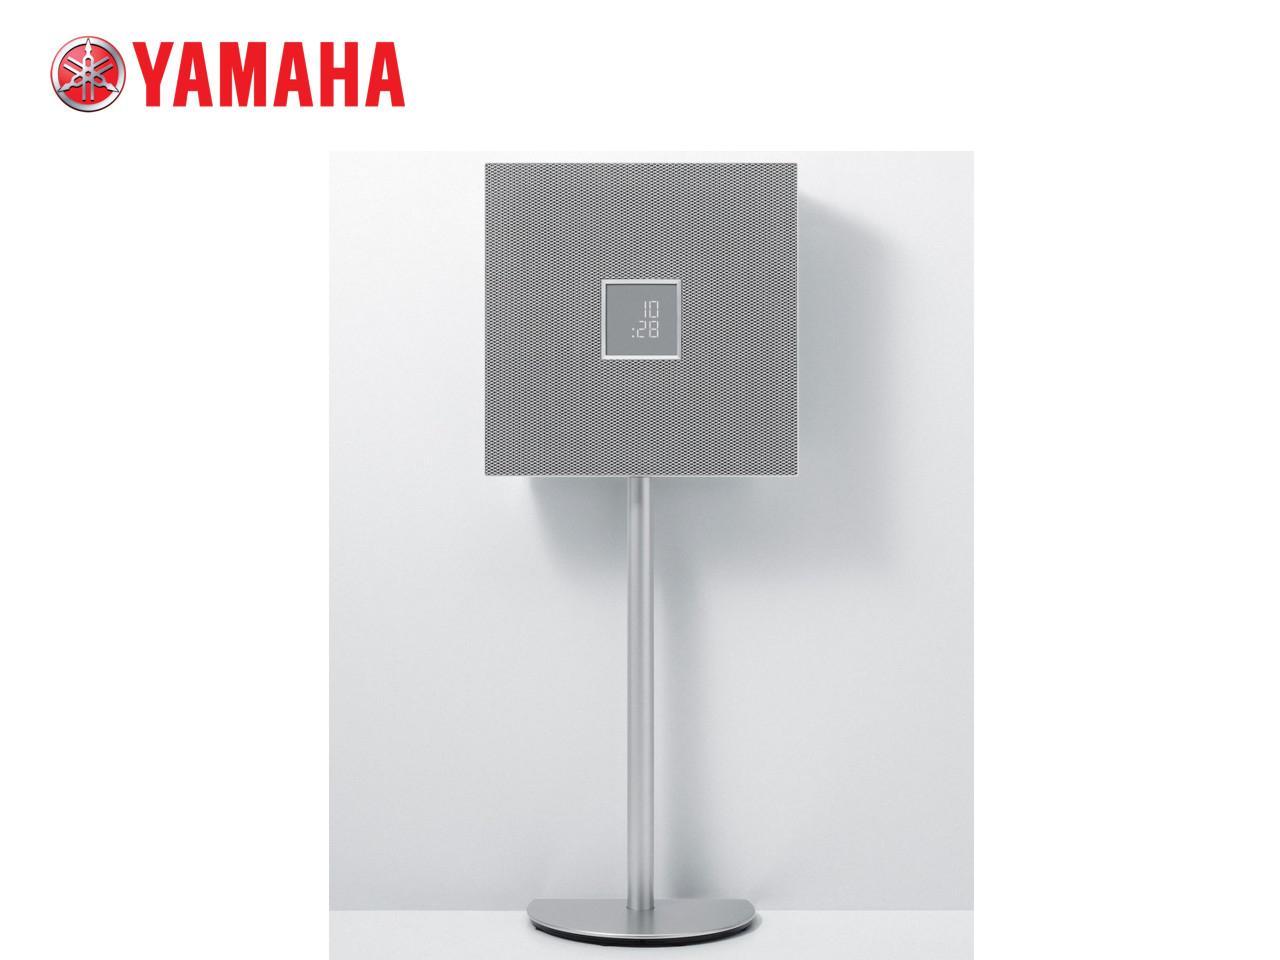 YAMAHA ISX-803D W + 500 Kč na dárky nebo další nákup | CHAT on-line podpora PO-PÁ 8-22.00!!